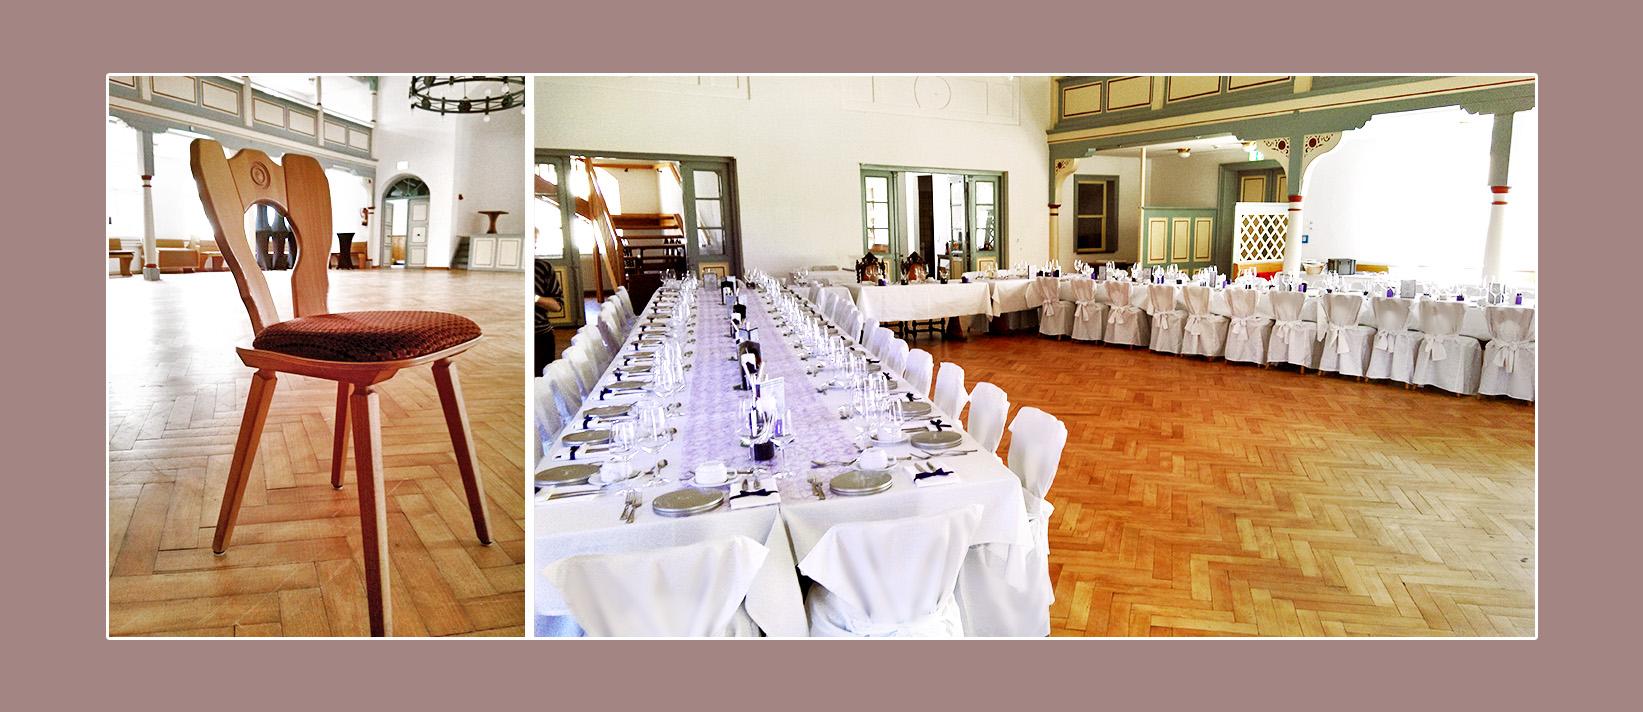 Hochzeitslocation-Brauhaus-Pfarrkirchen